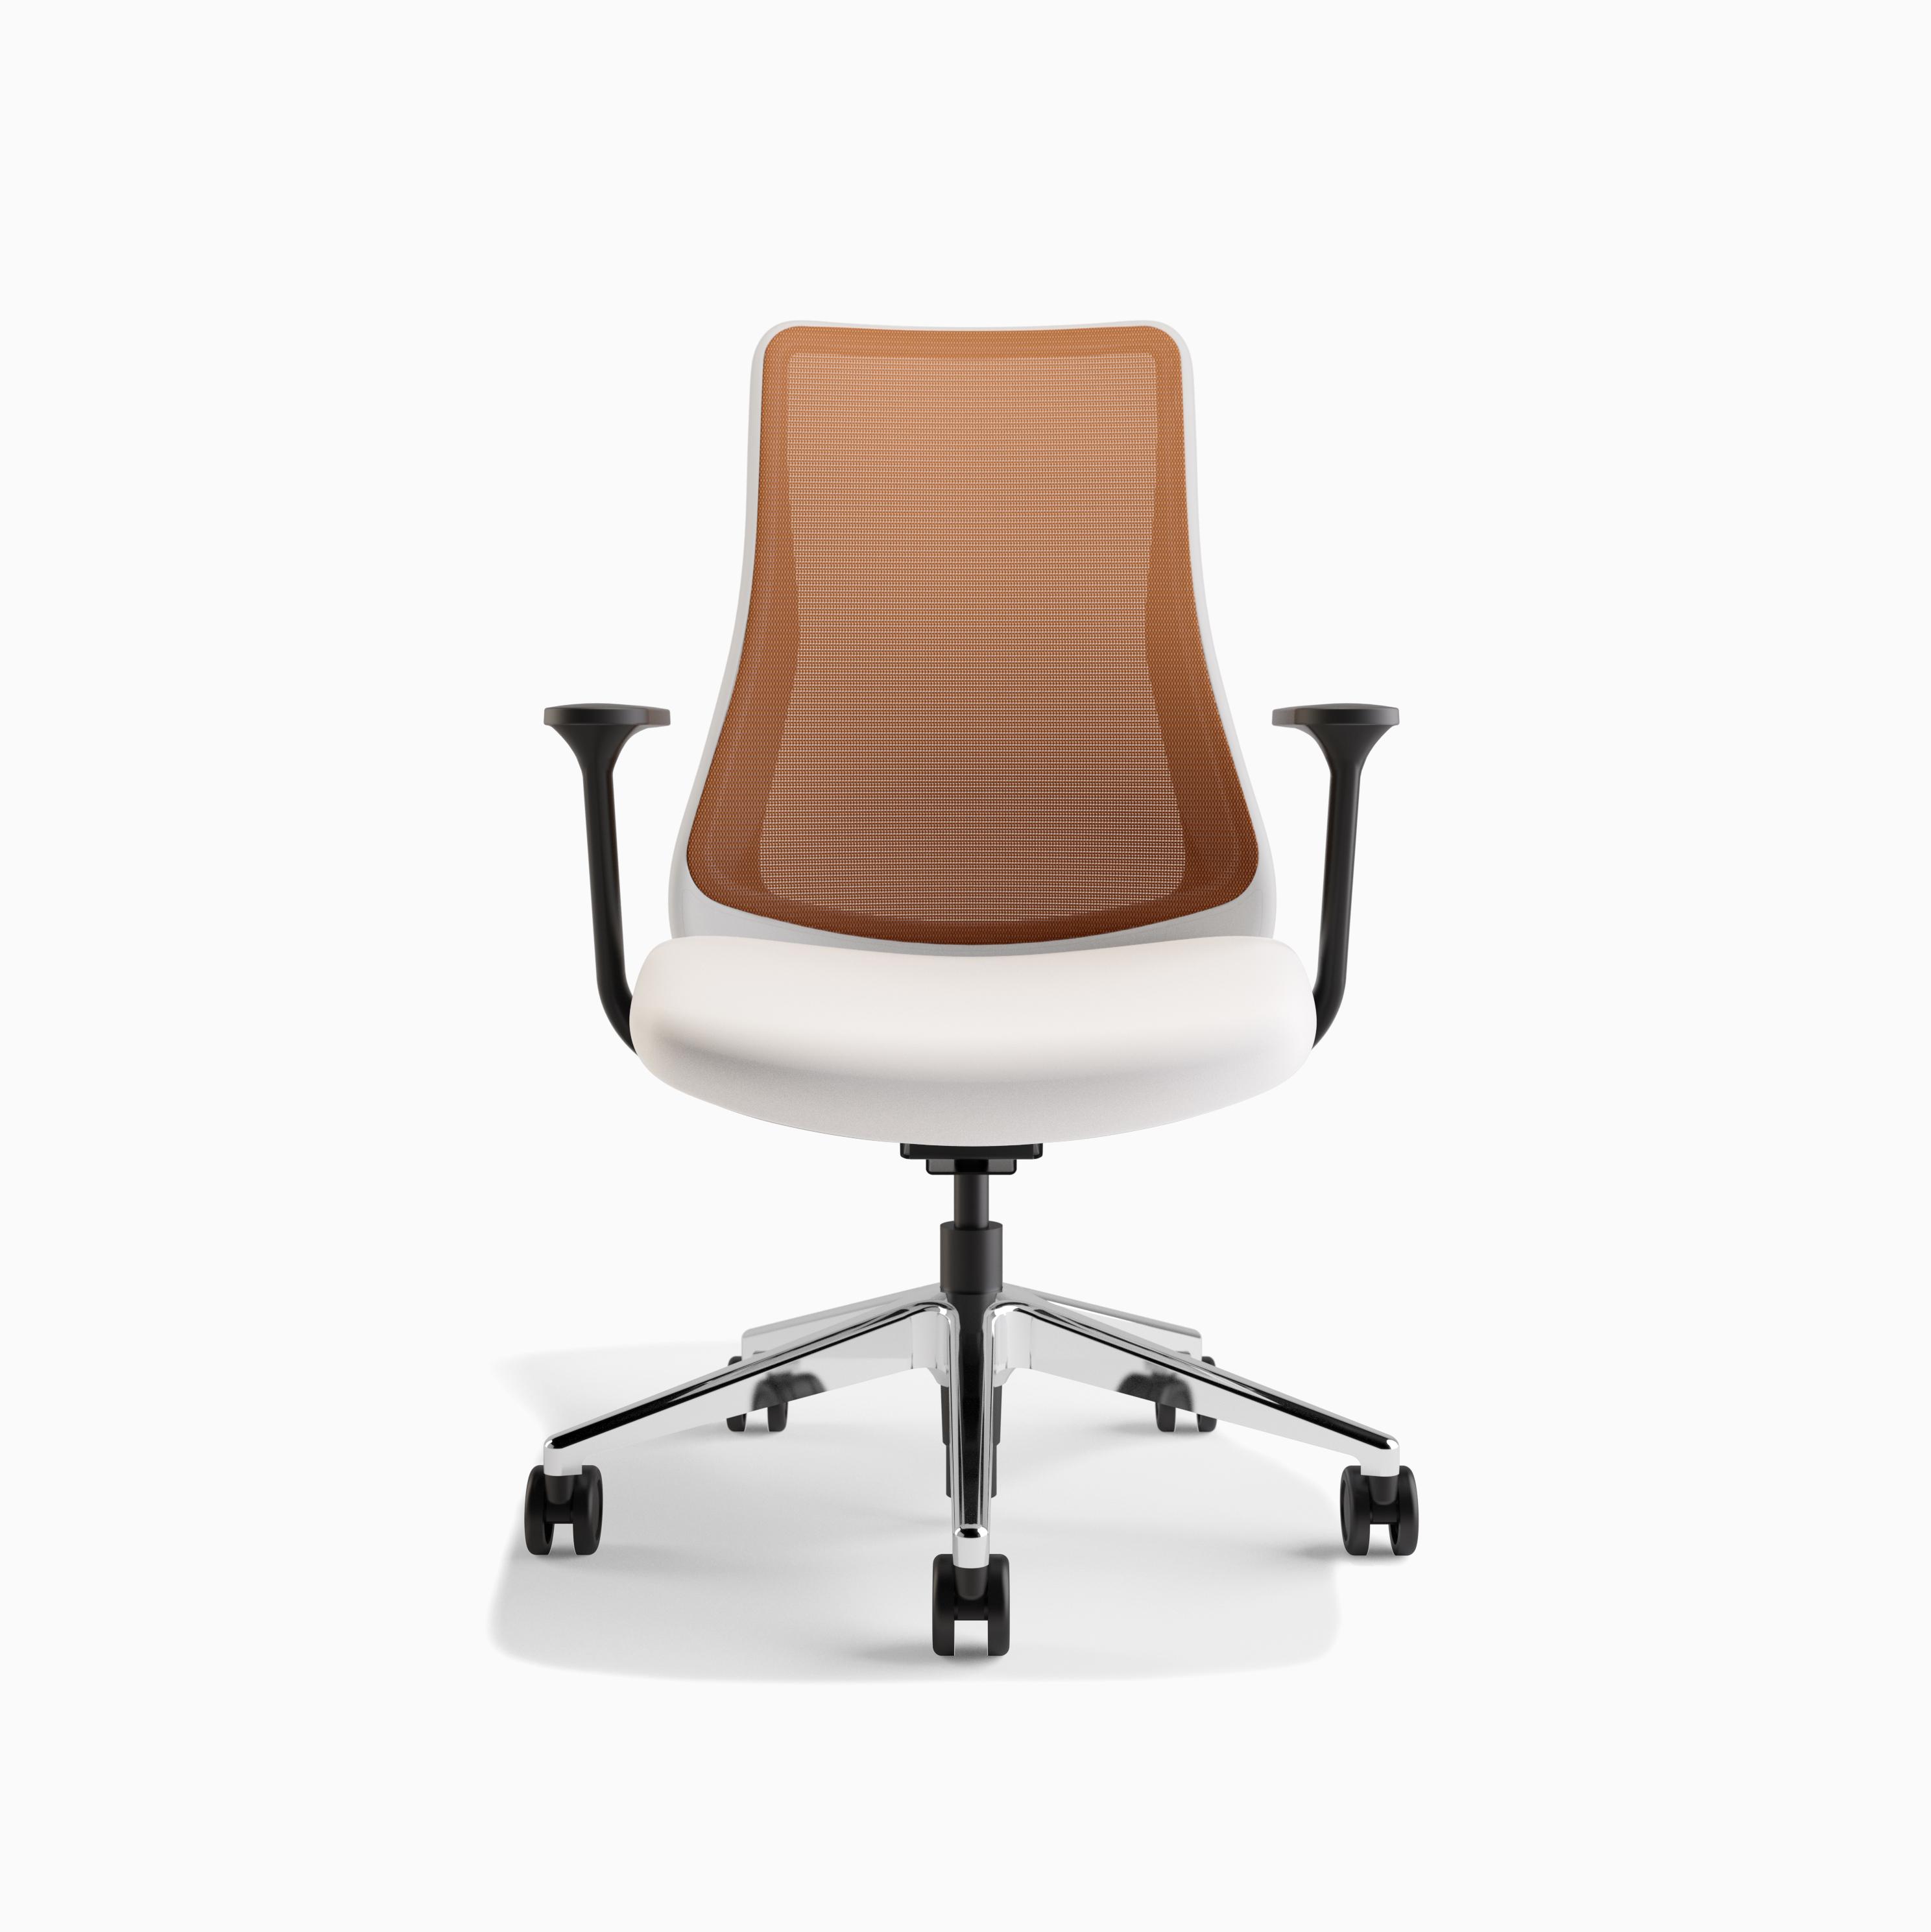 1460-1002-1009 (Genie Fix Arms Seat A).jpg